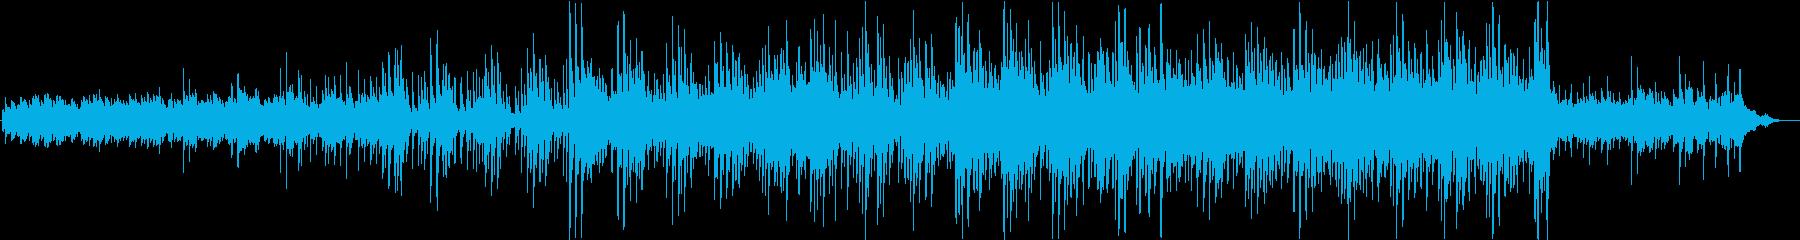 動画 感情的 やる気 ハイテク 気...の再生済みの波形